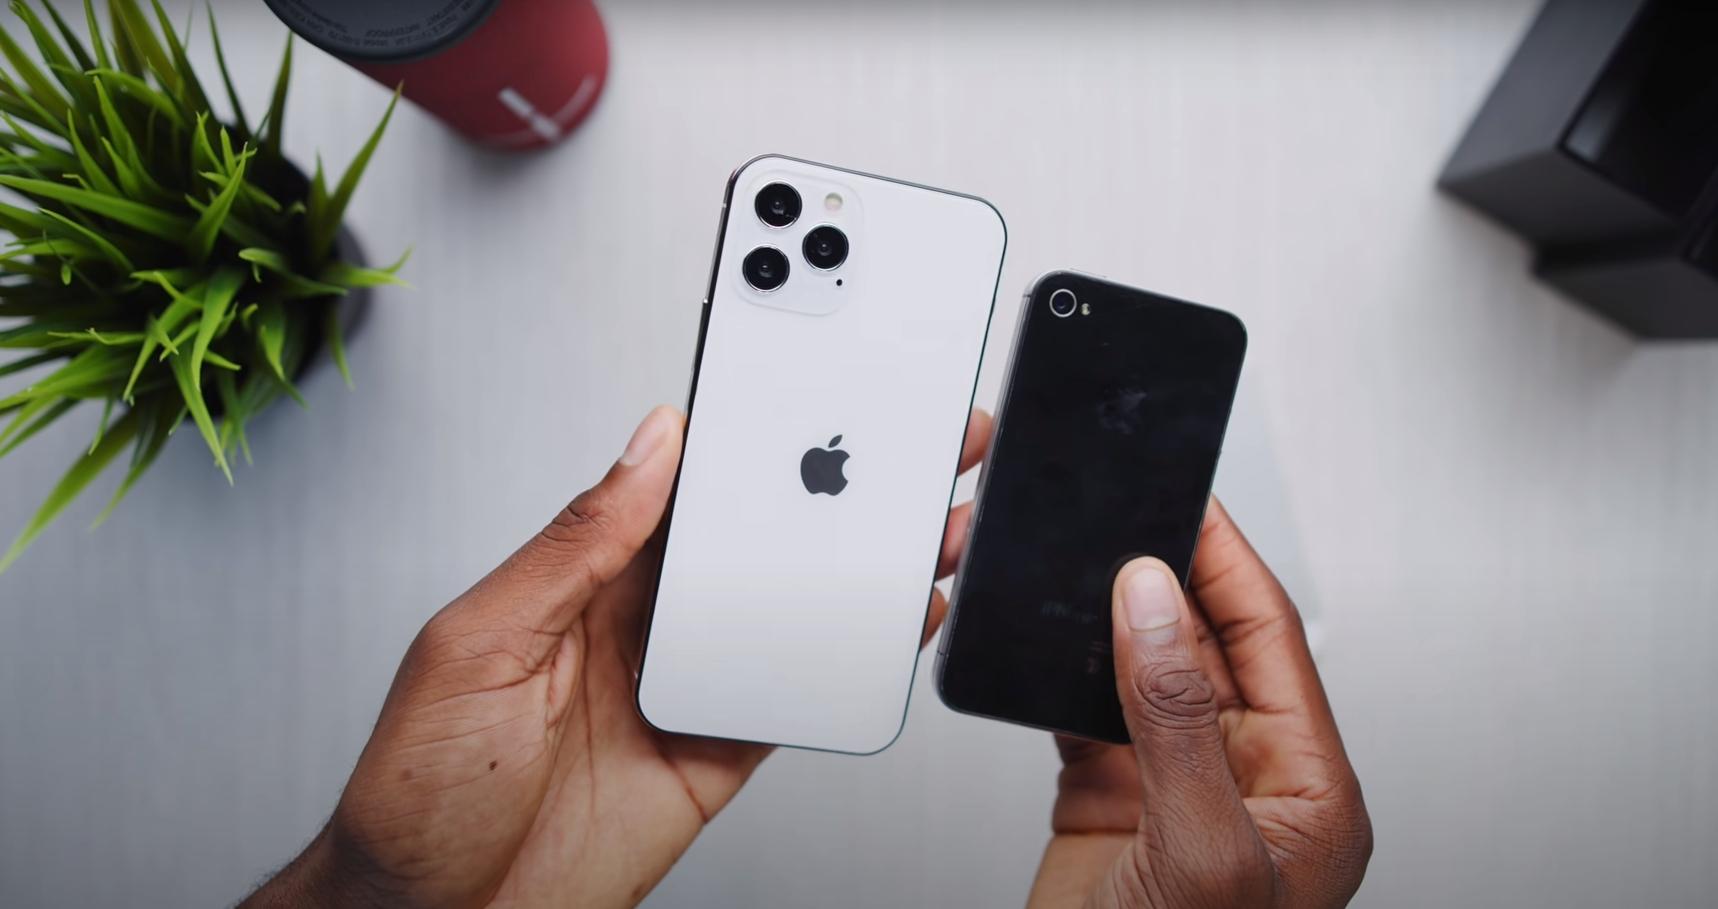 Co očekávat od iPhone 12? Bude to zklamání, nebo revoluce?